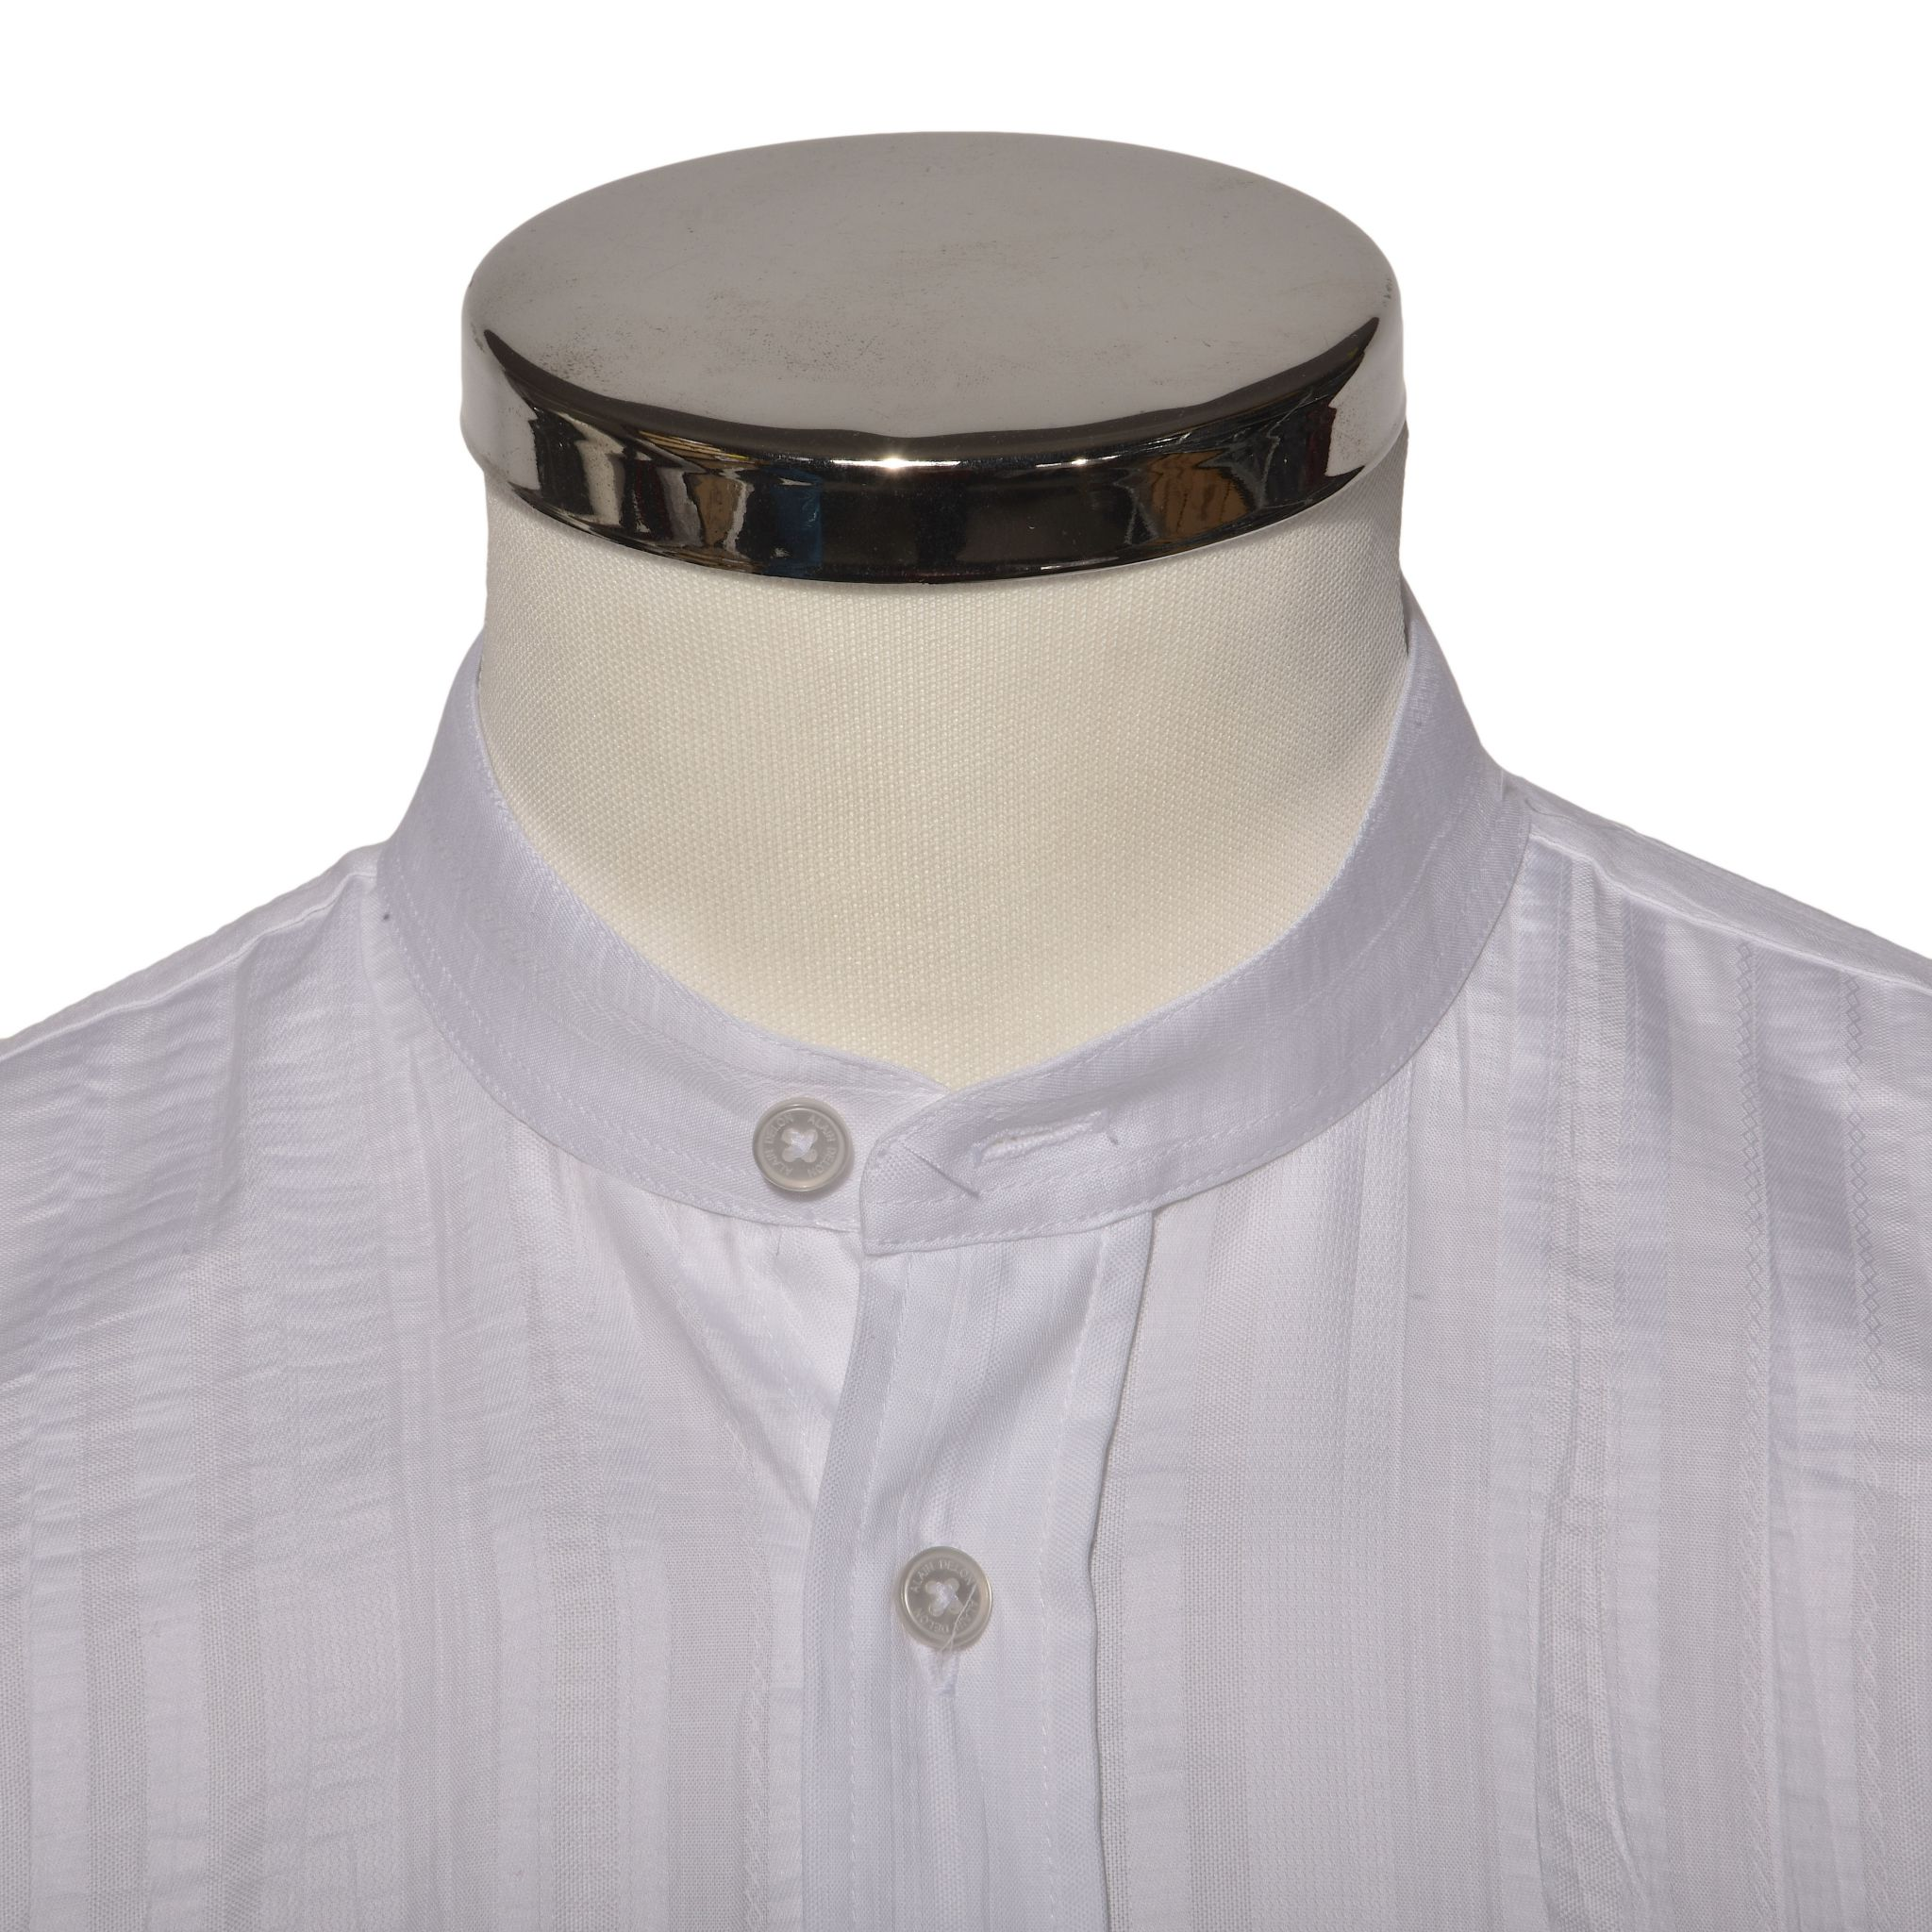 f72d15c22c76 Biela Slim Fit košeľa s krátkym rukávom - Košele krátky rukáv - E ...